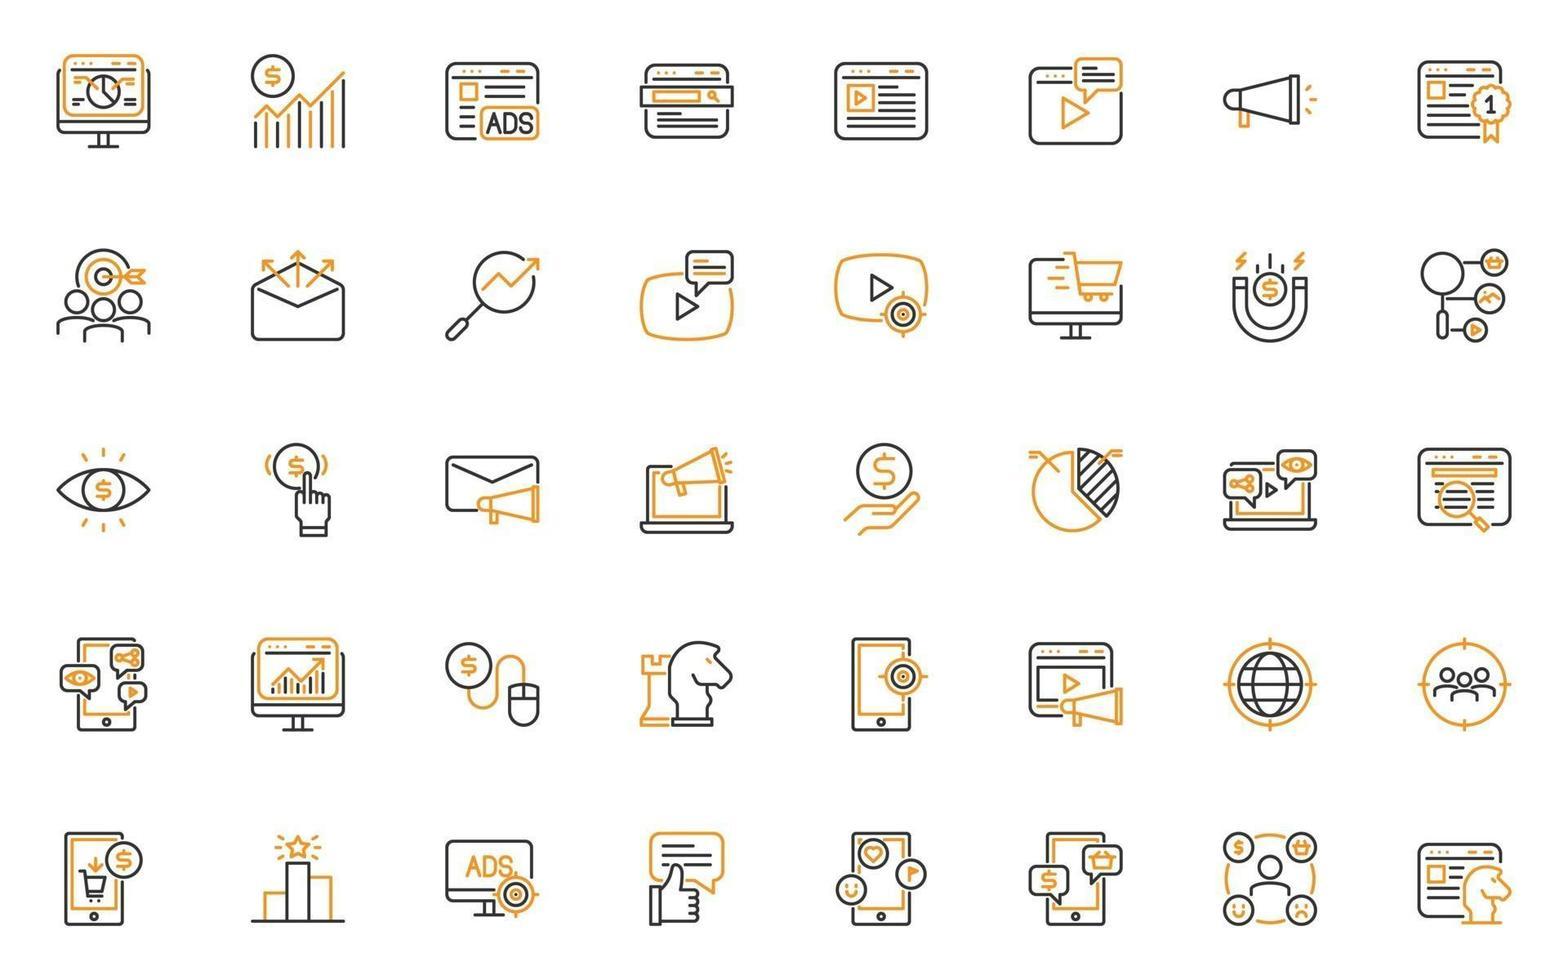 uppsättning online marknadsföring tunn linje ikoner vektor